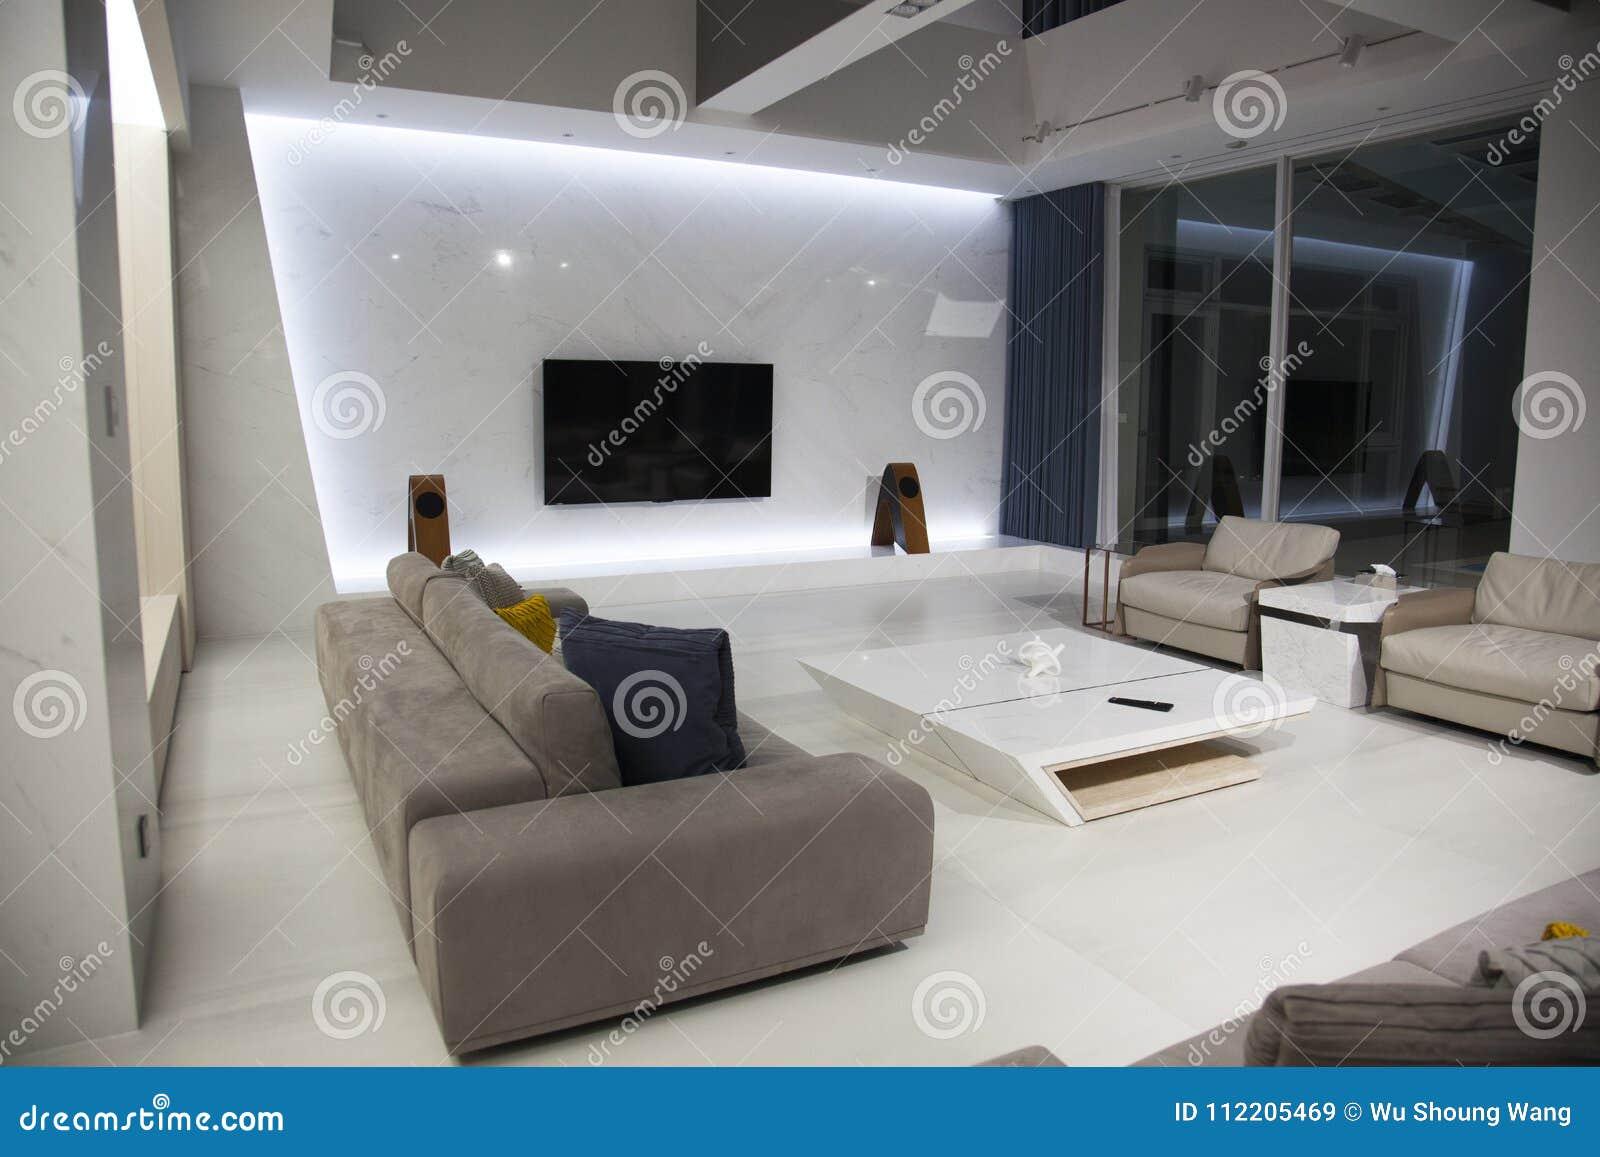 Conception Intérieure, Salon, Contemporain, Intérieur Image ...